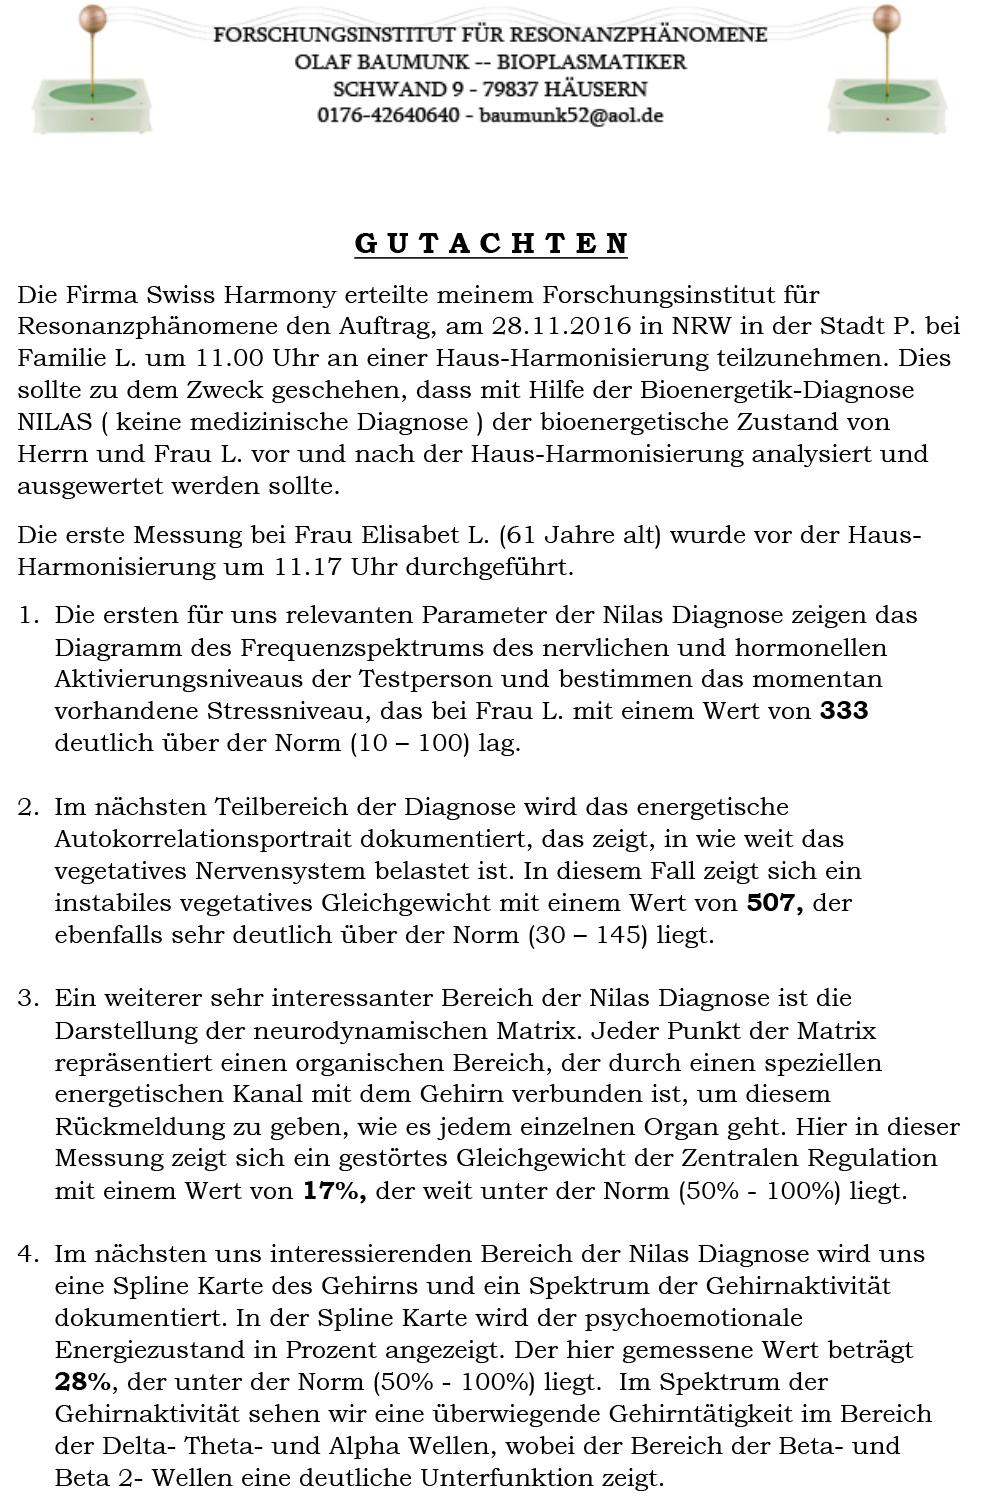 Microsoft Word - Gutachten Elisabeth L.docx